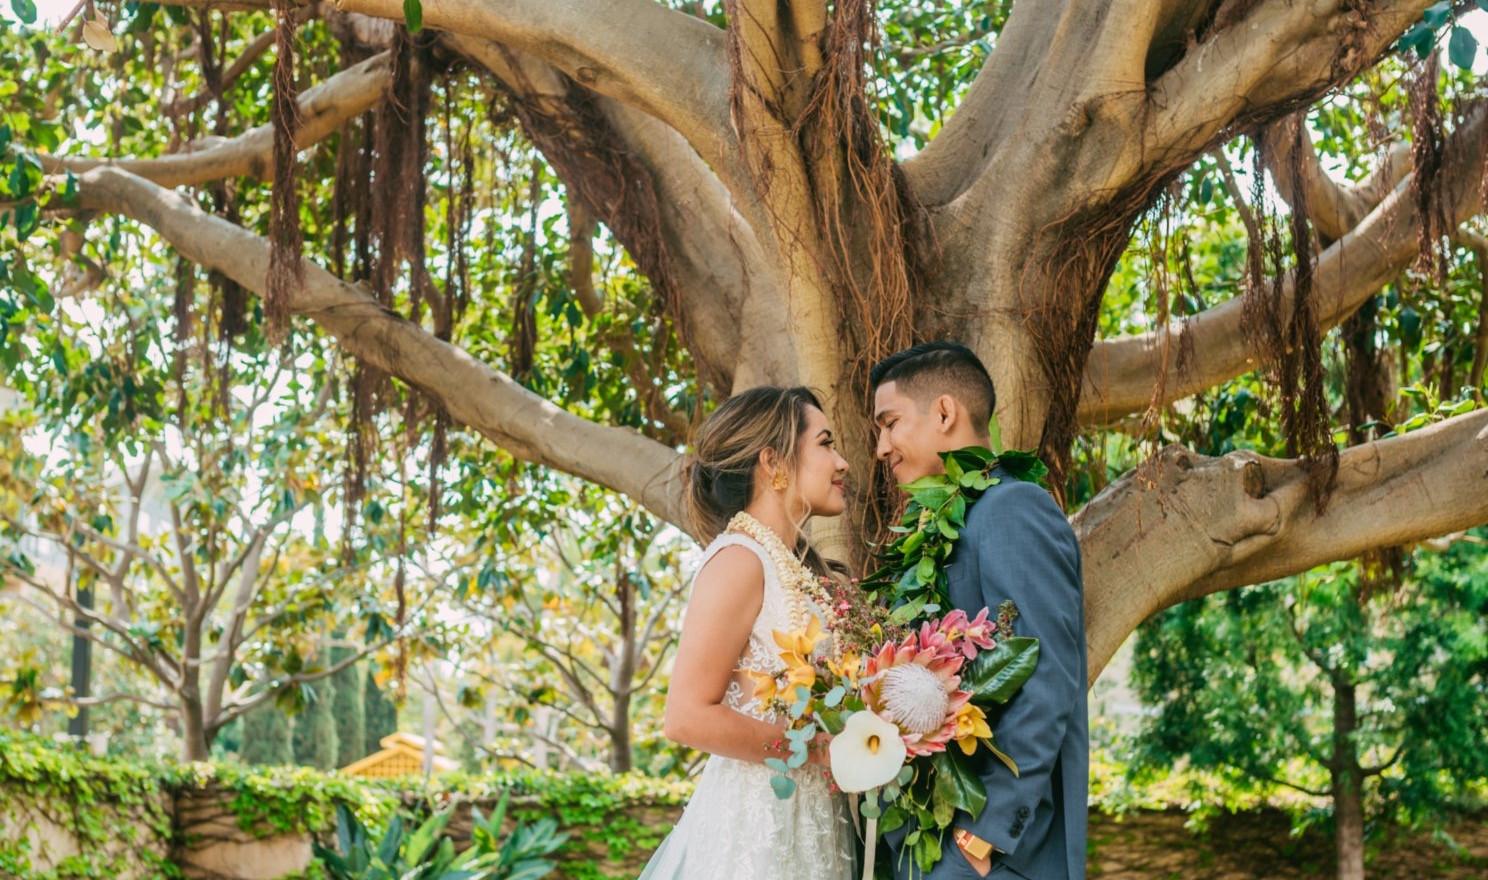 Photographer: Simon and Sally Photography